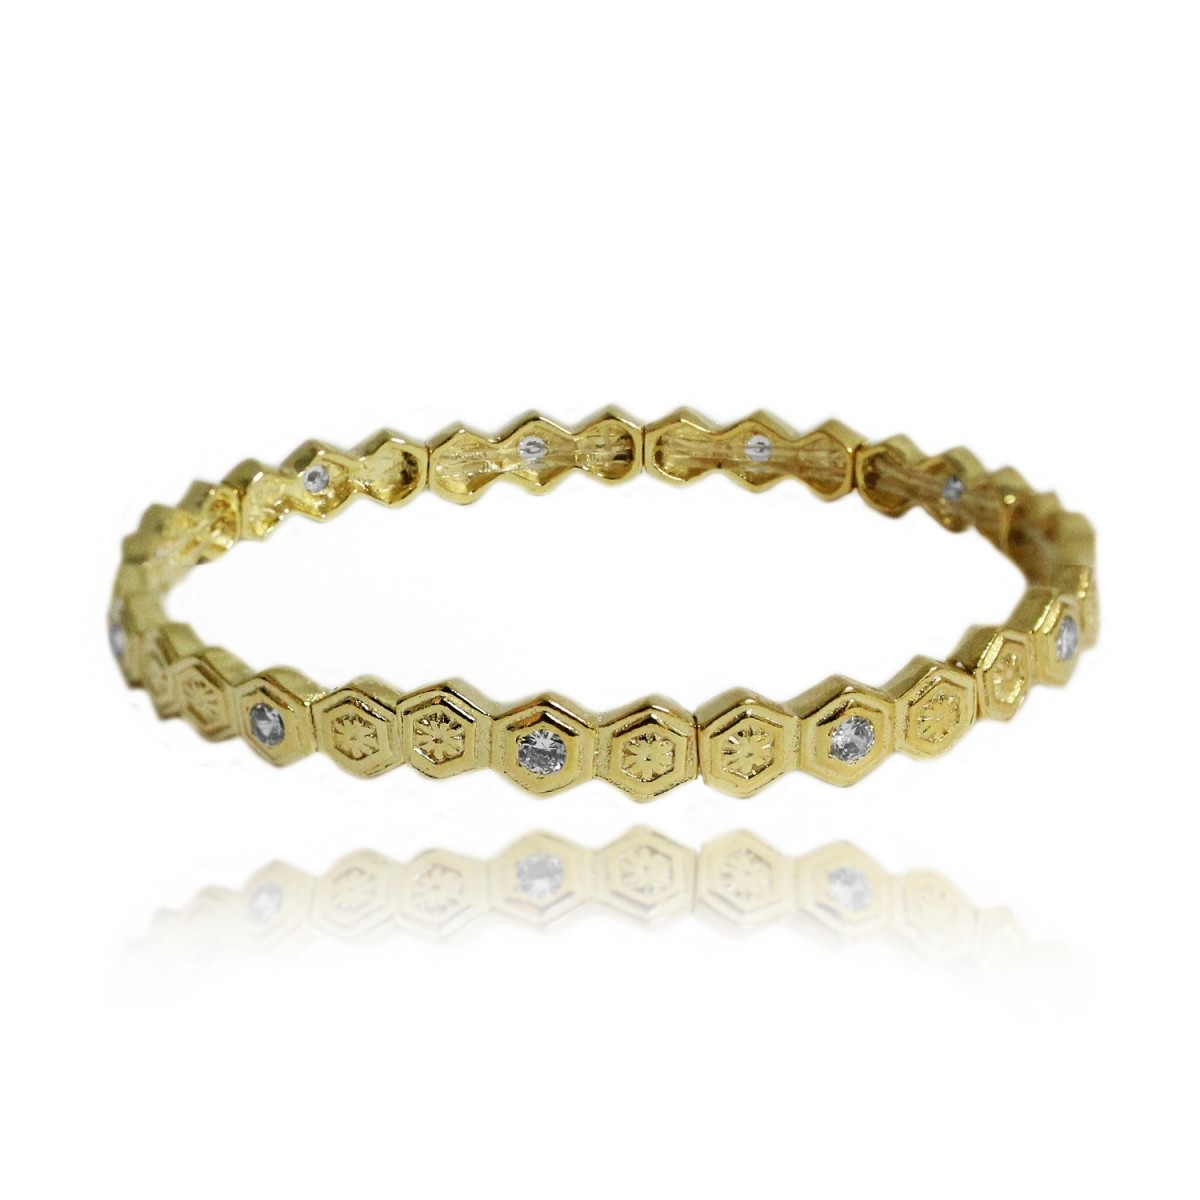 Bracelete Adornado por Hexágonos com Detalhes Cravejados Folheado a Ouro 18k